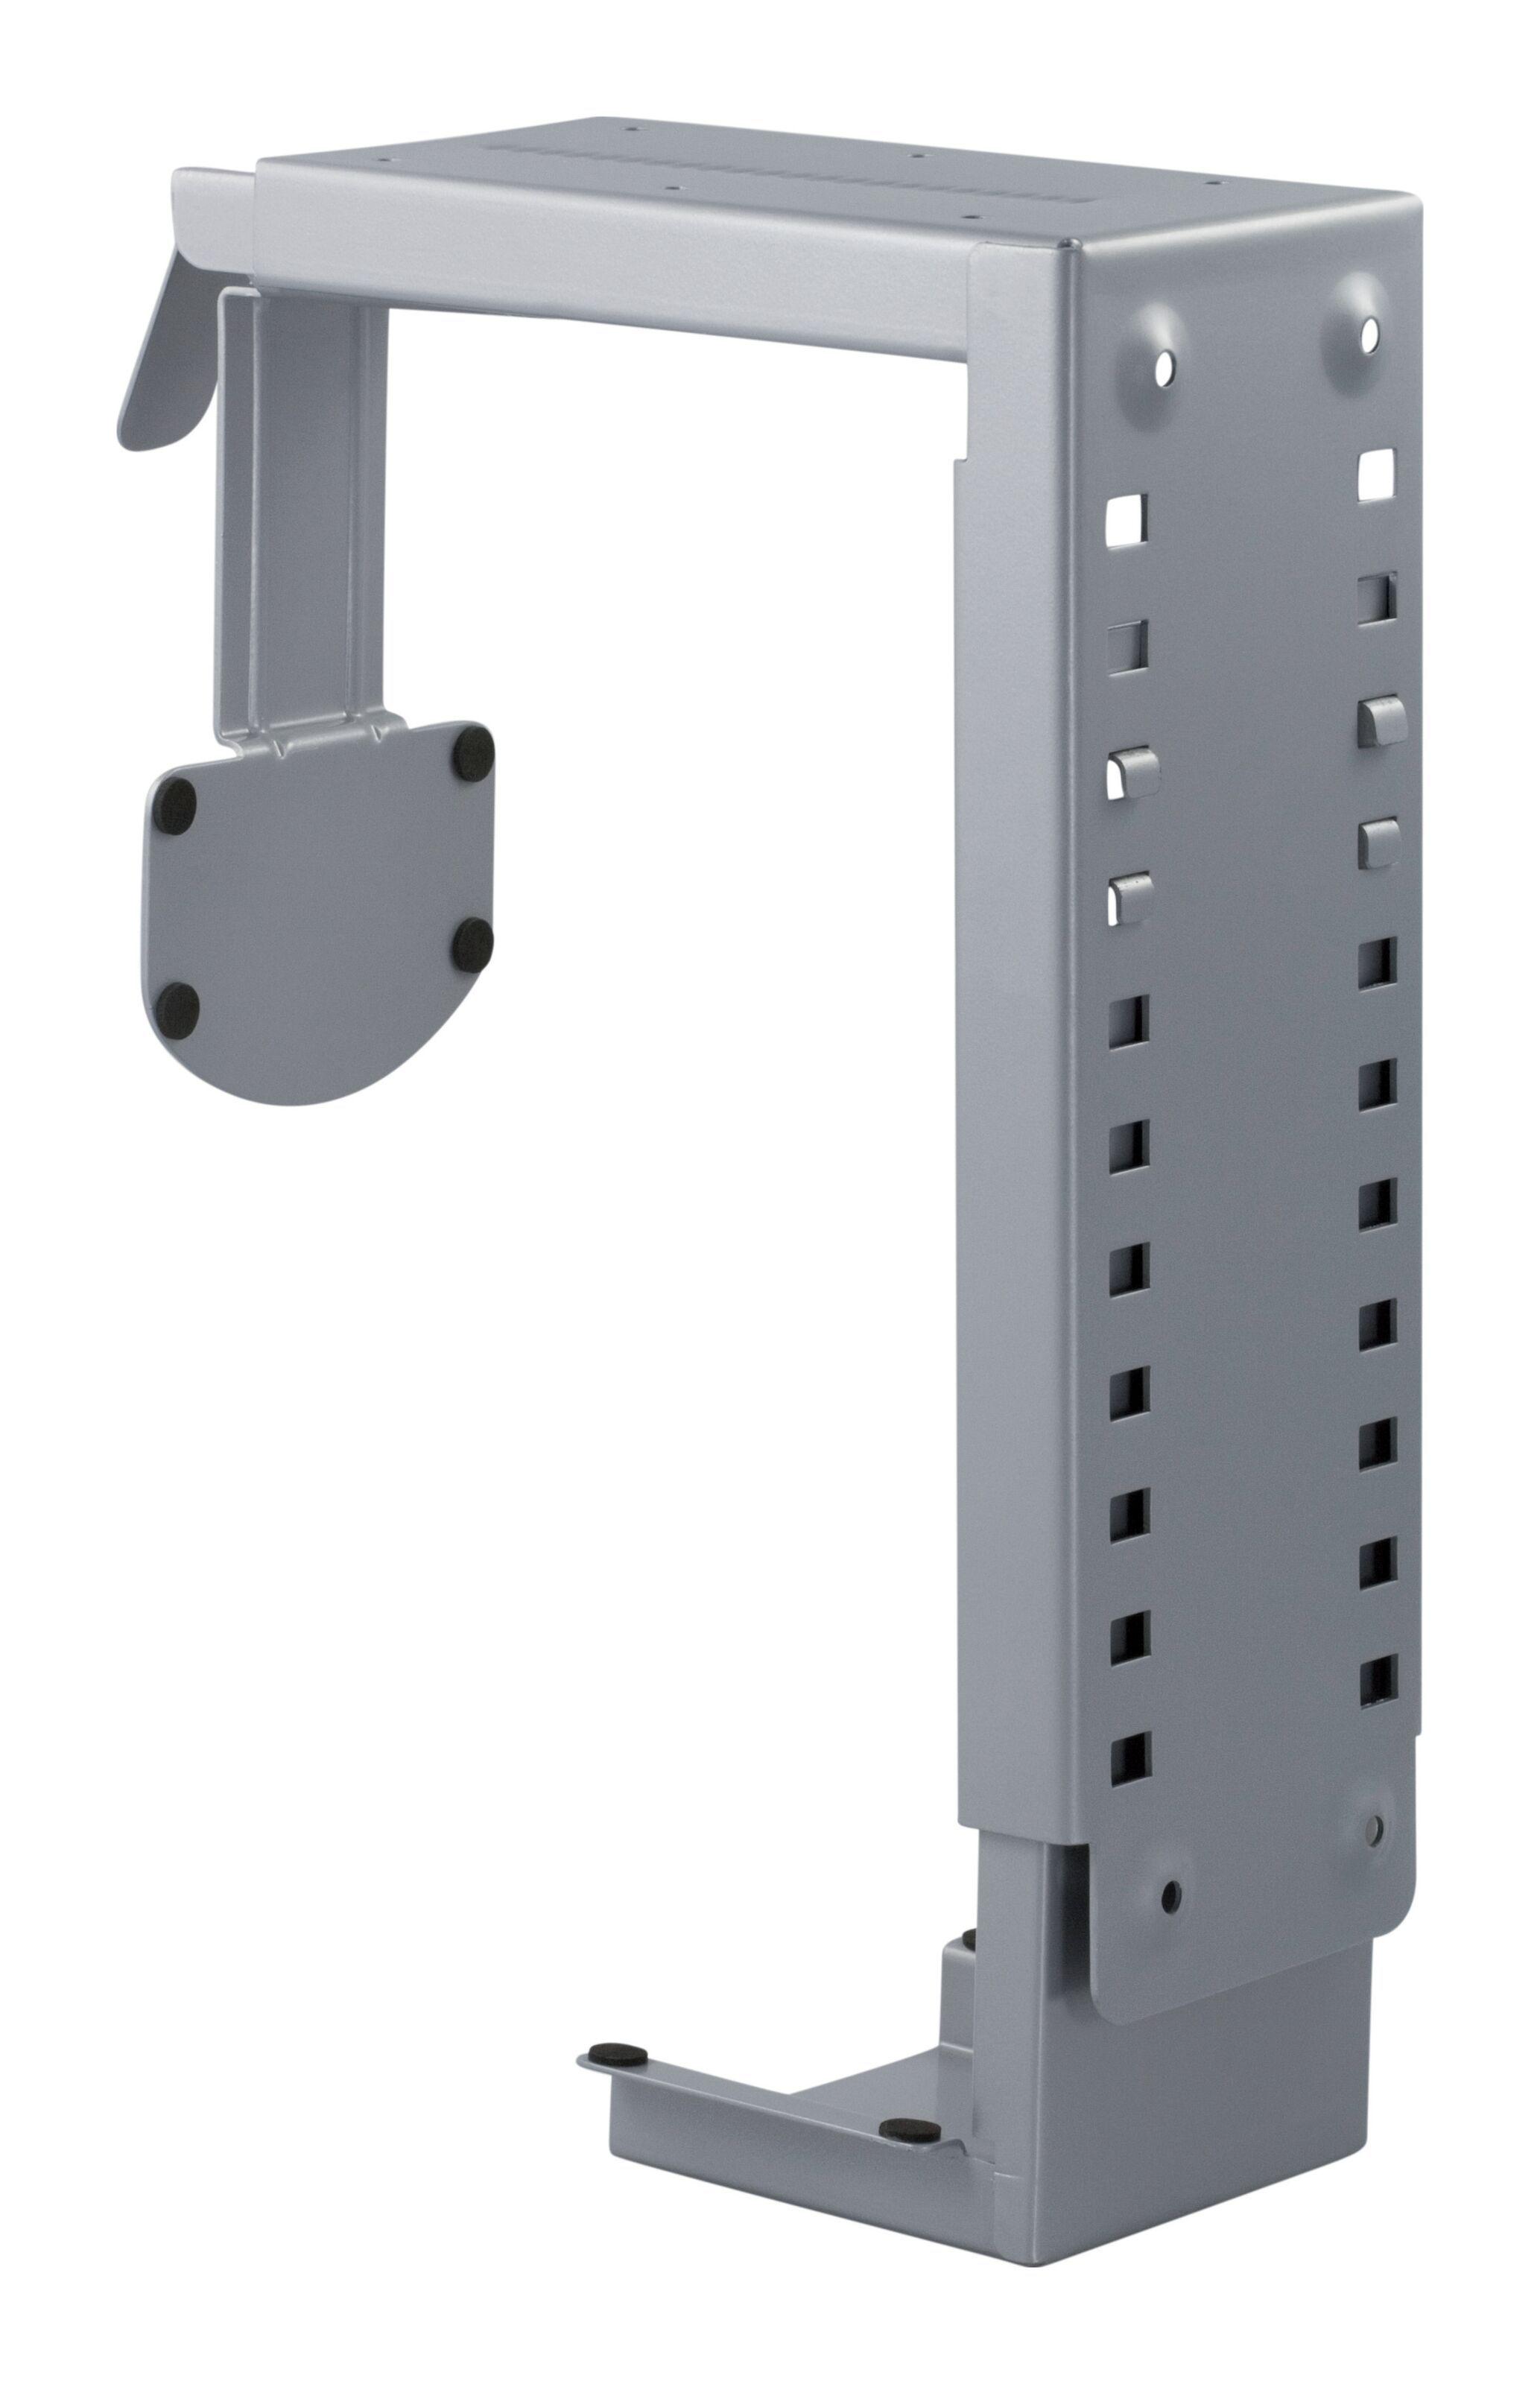 Datorhållare för montering i bord eller vägg Silver